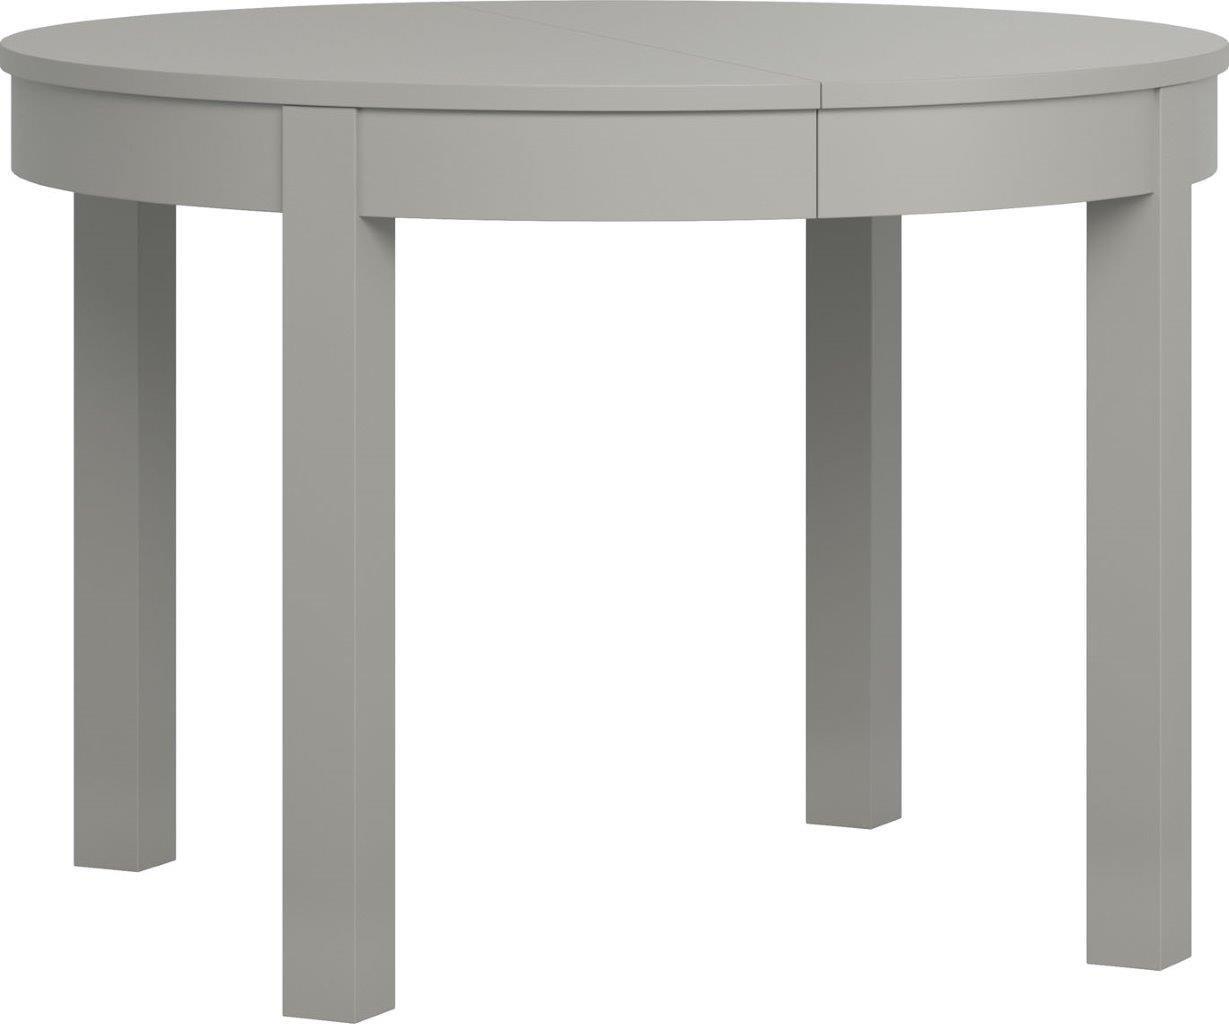 Τραπέζι Simple Round επεκτεινόμενο-Γκρι